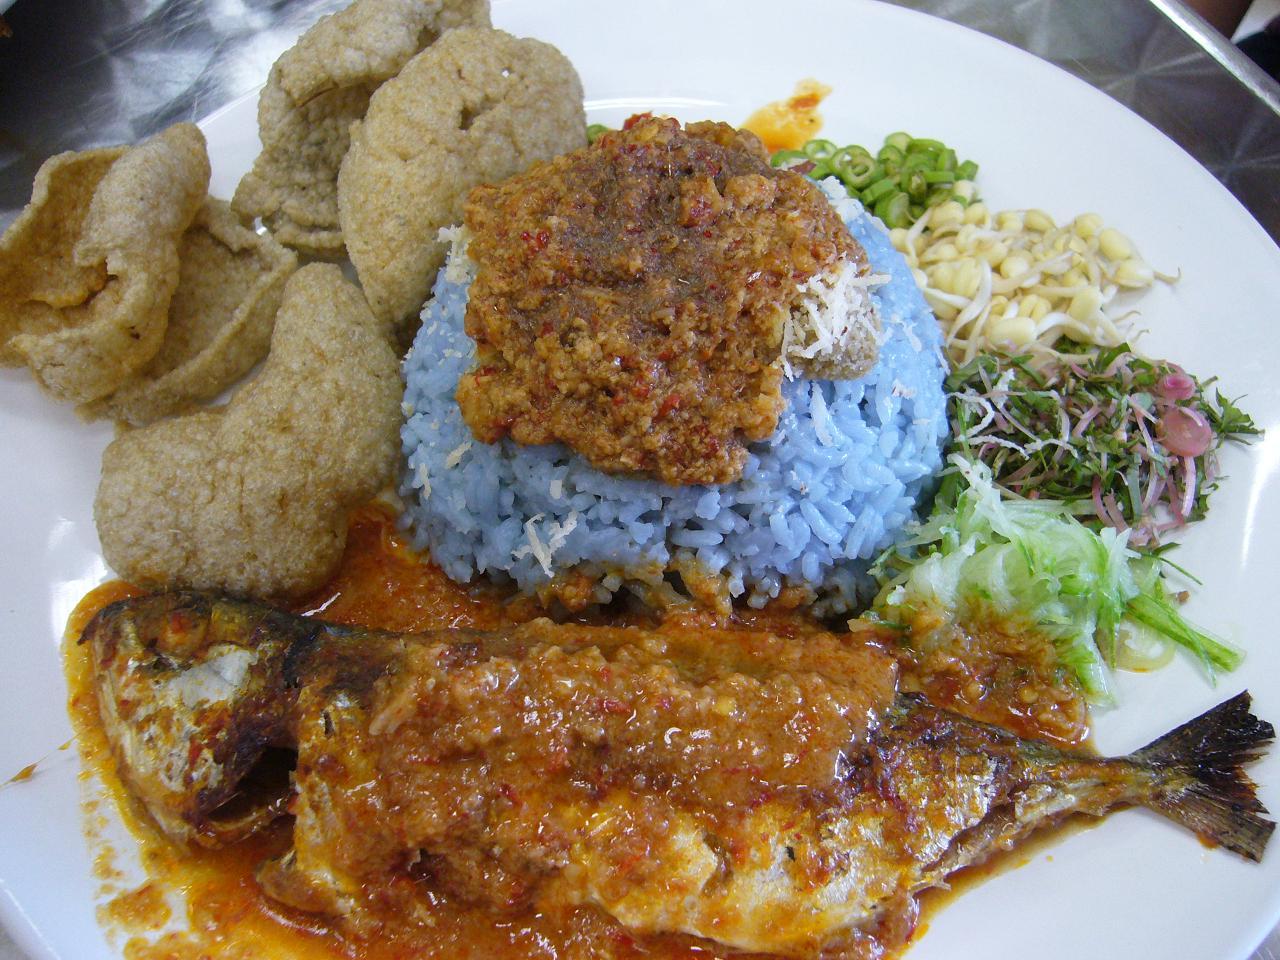 Source: rasarasamalaysia.blogspot.com